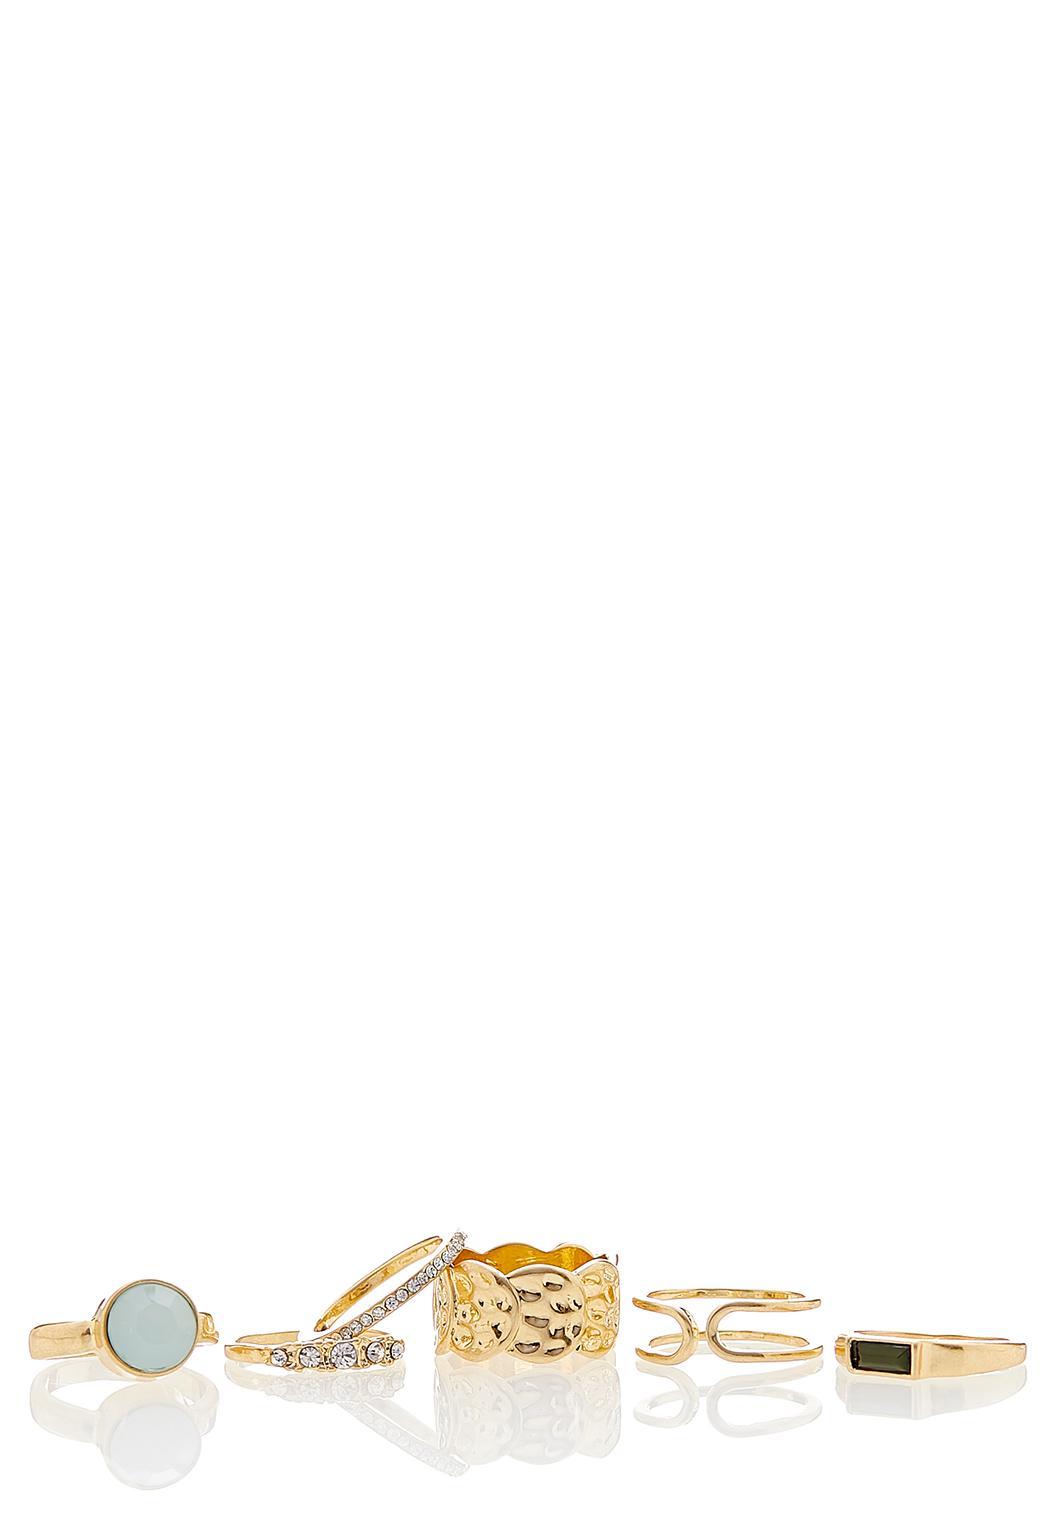 Worn Gold Ring Set